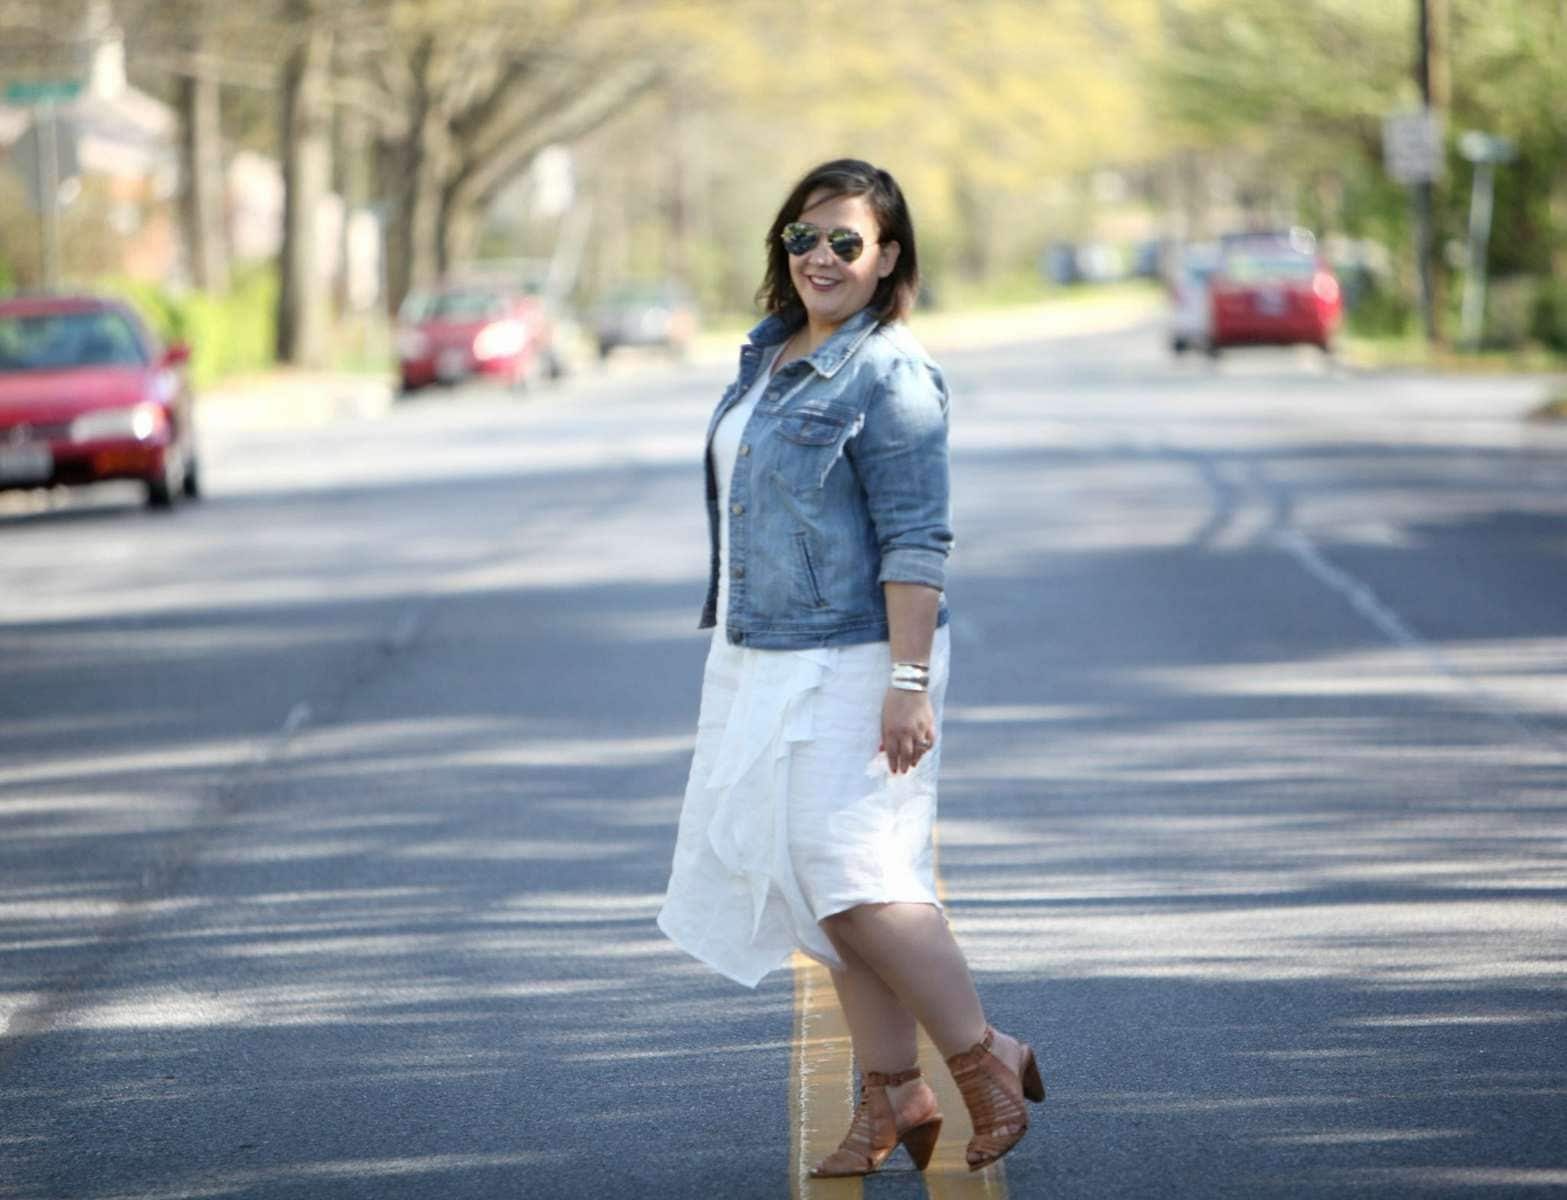 over 40 fashion blogger wardrobe oxygen in stella carakasi